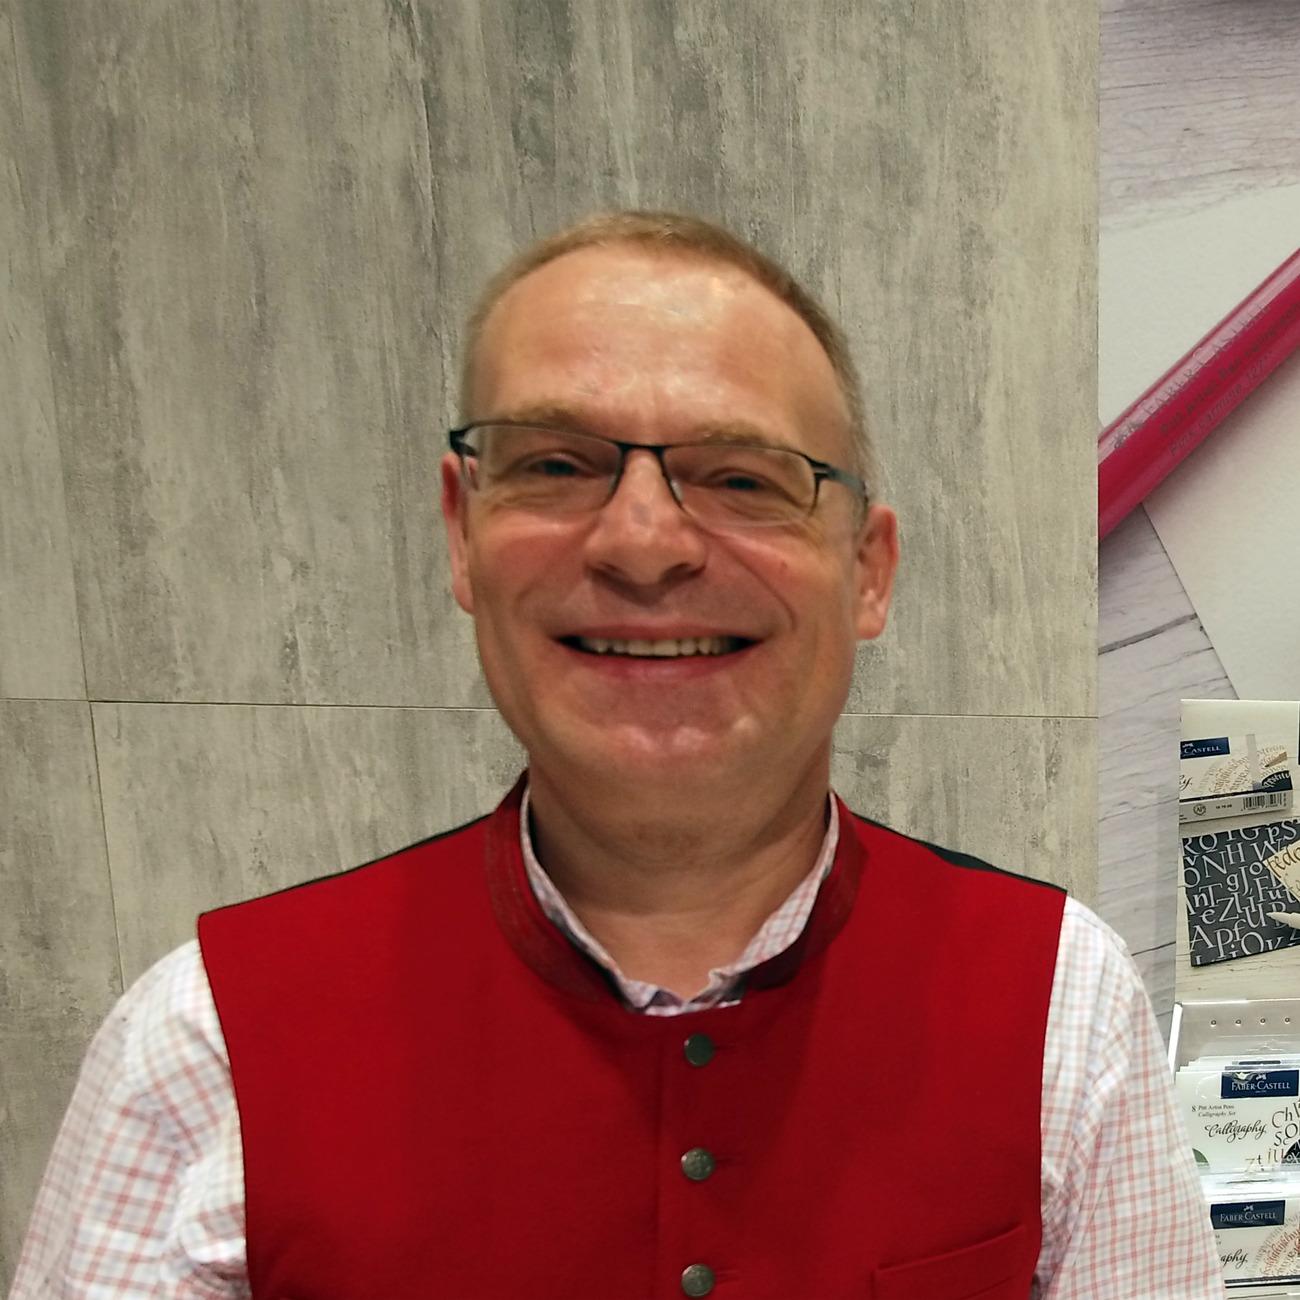 Der Kalligraf Joachim Propfe - hier auch der Fachmesse Insights-X 2018 in Nürnberg